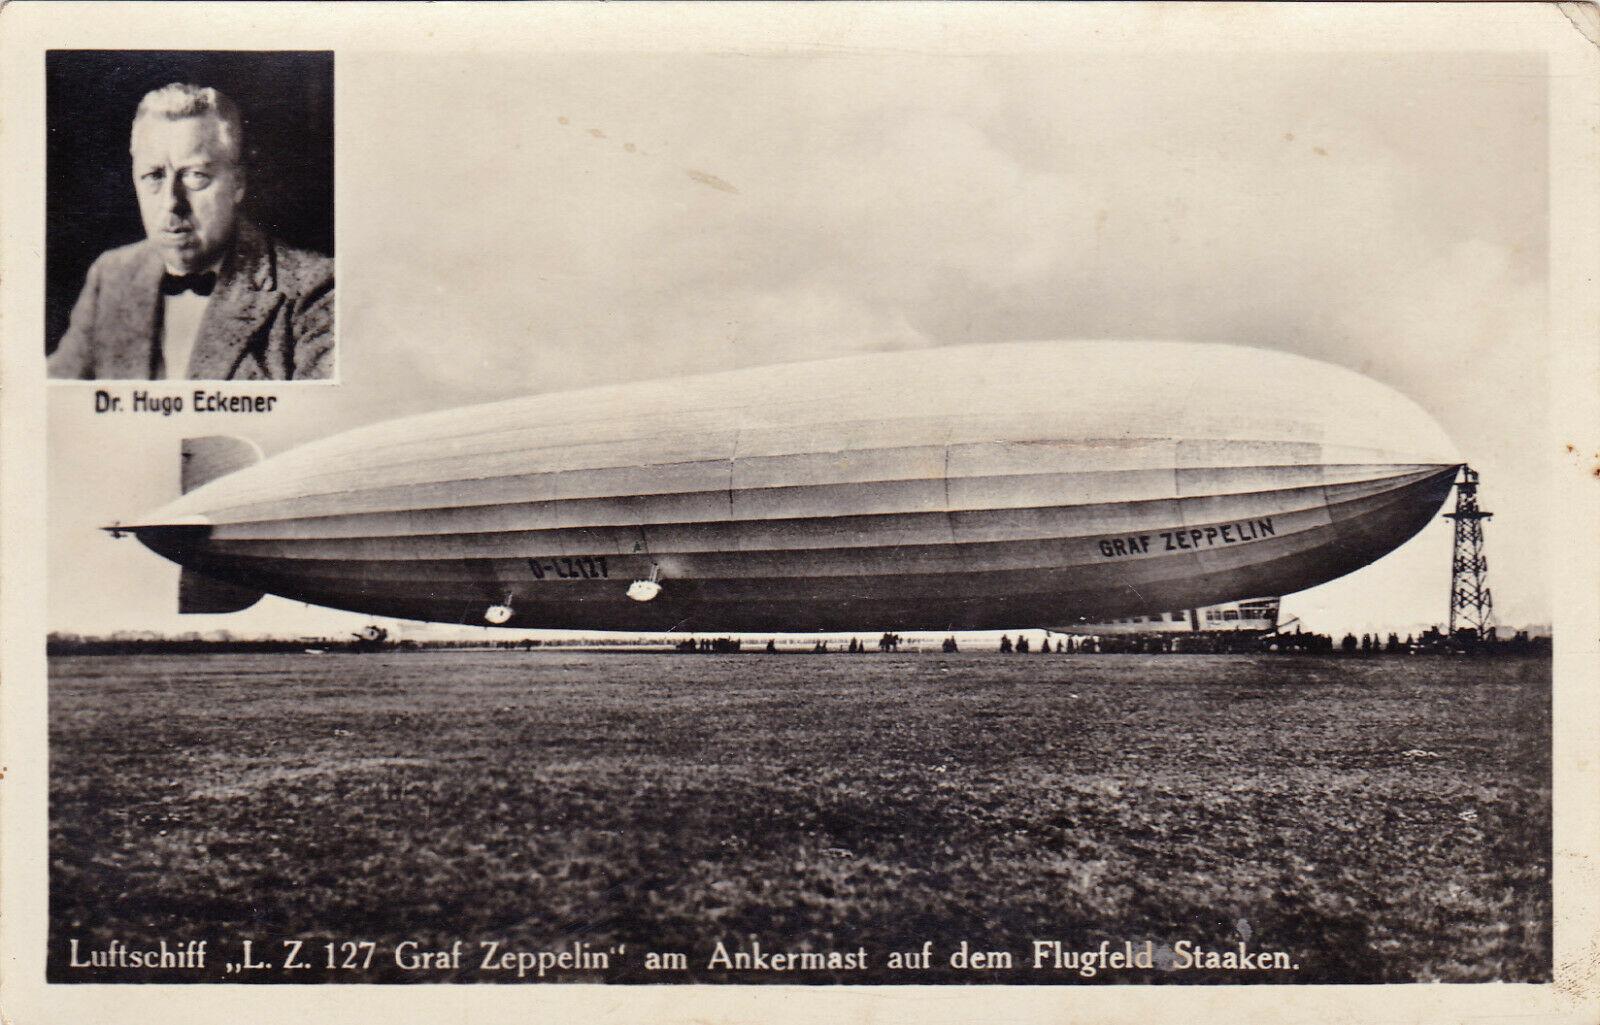 Ansichtskarten der Luftschiffe Ankerm10